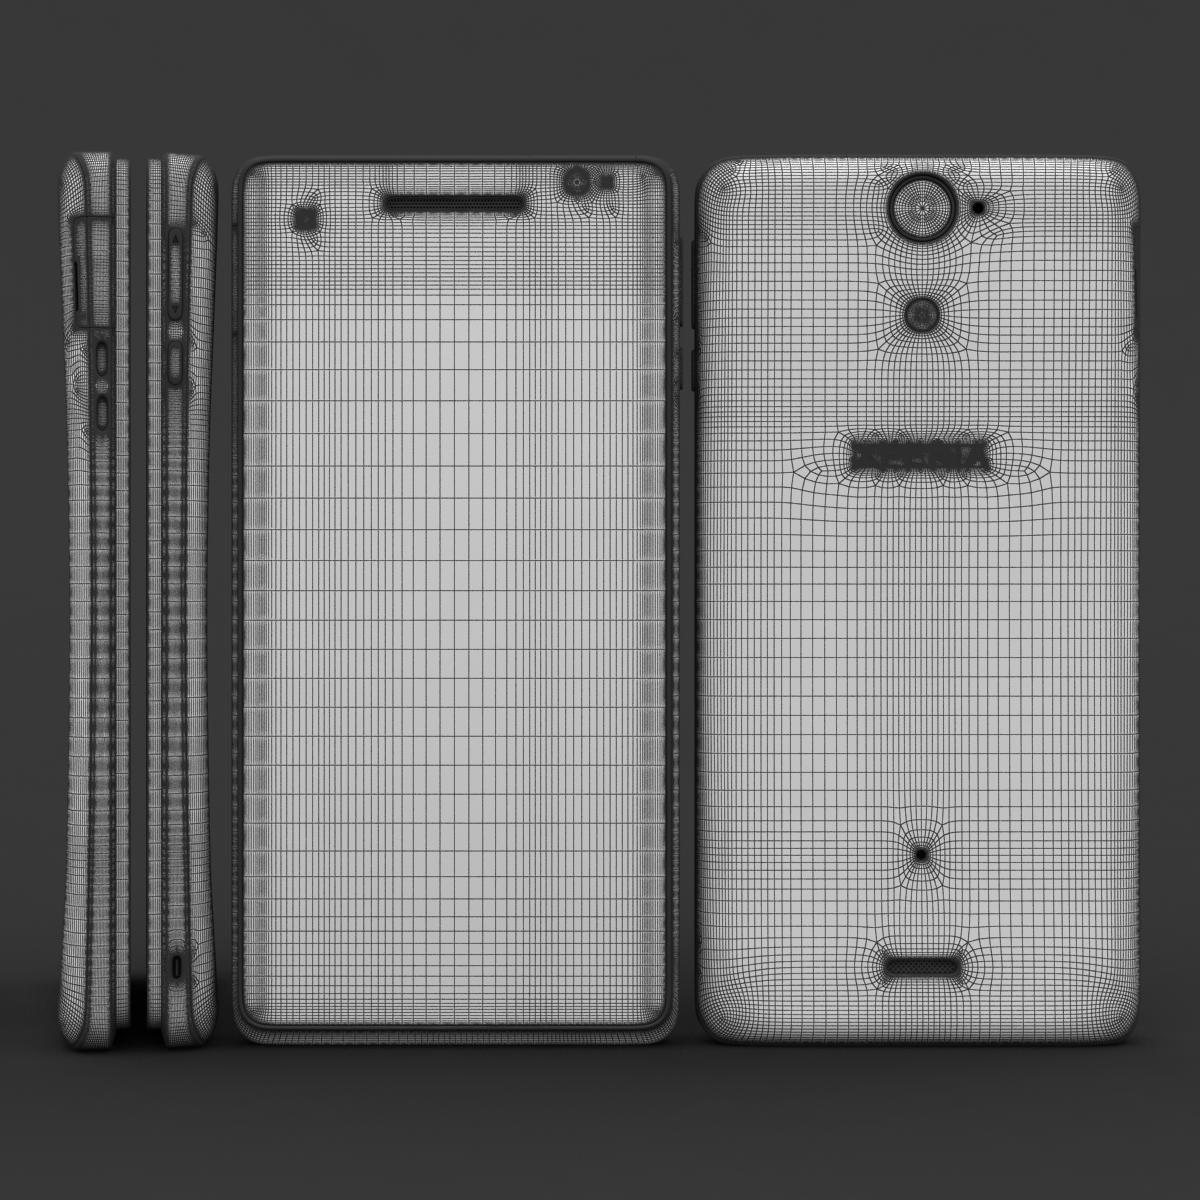 sony xperia v 3d model 3ds max fbx c4d lwo obj 151203